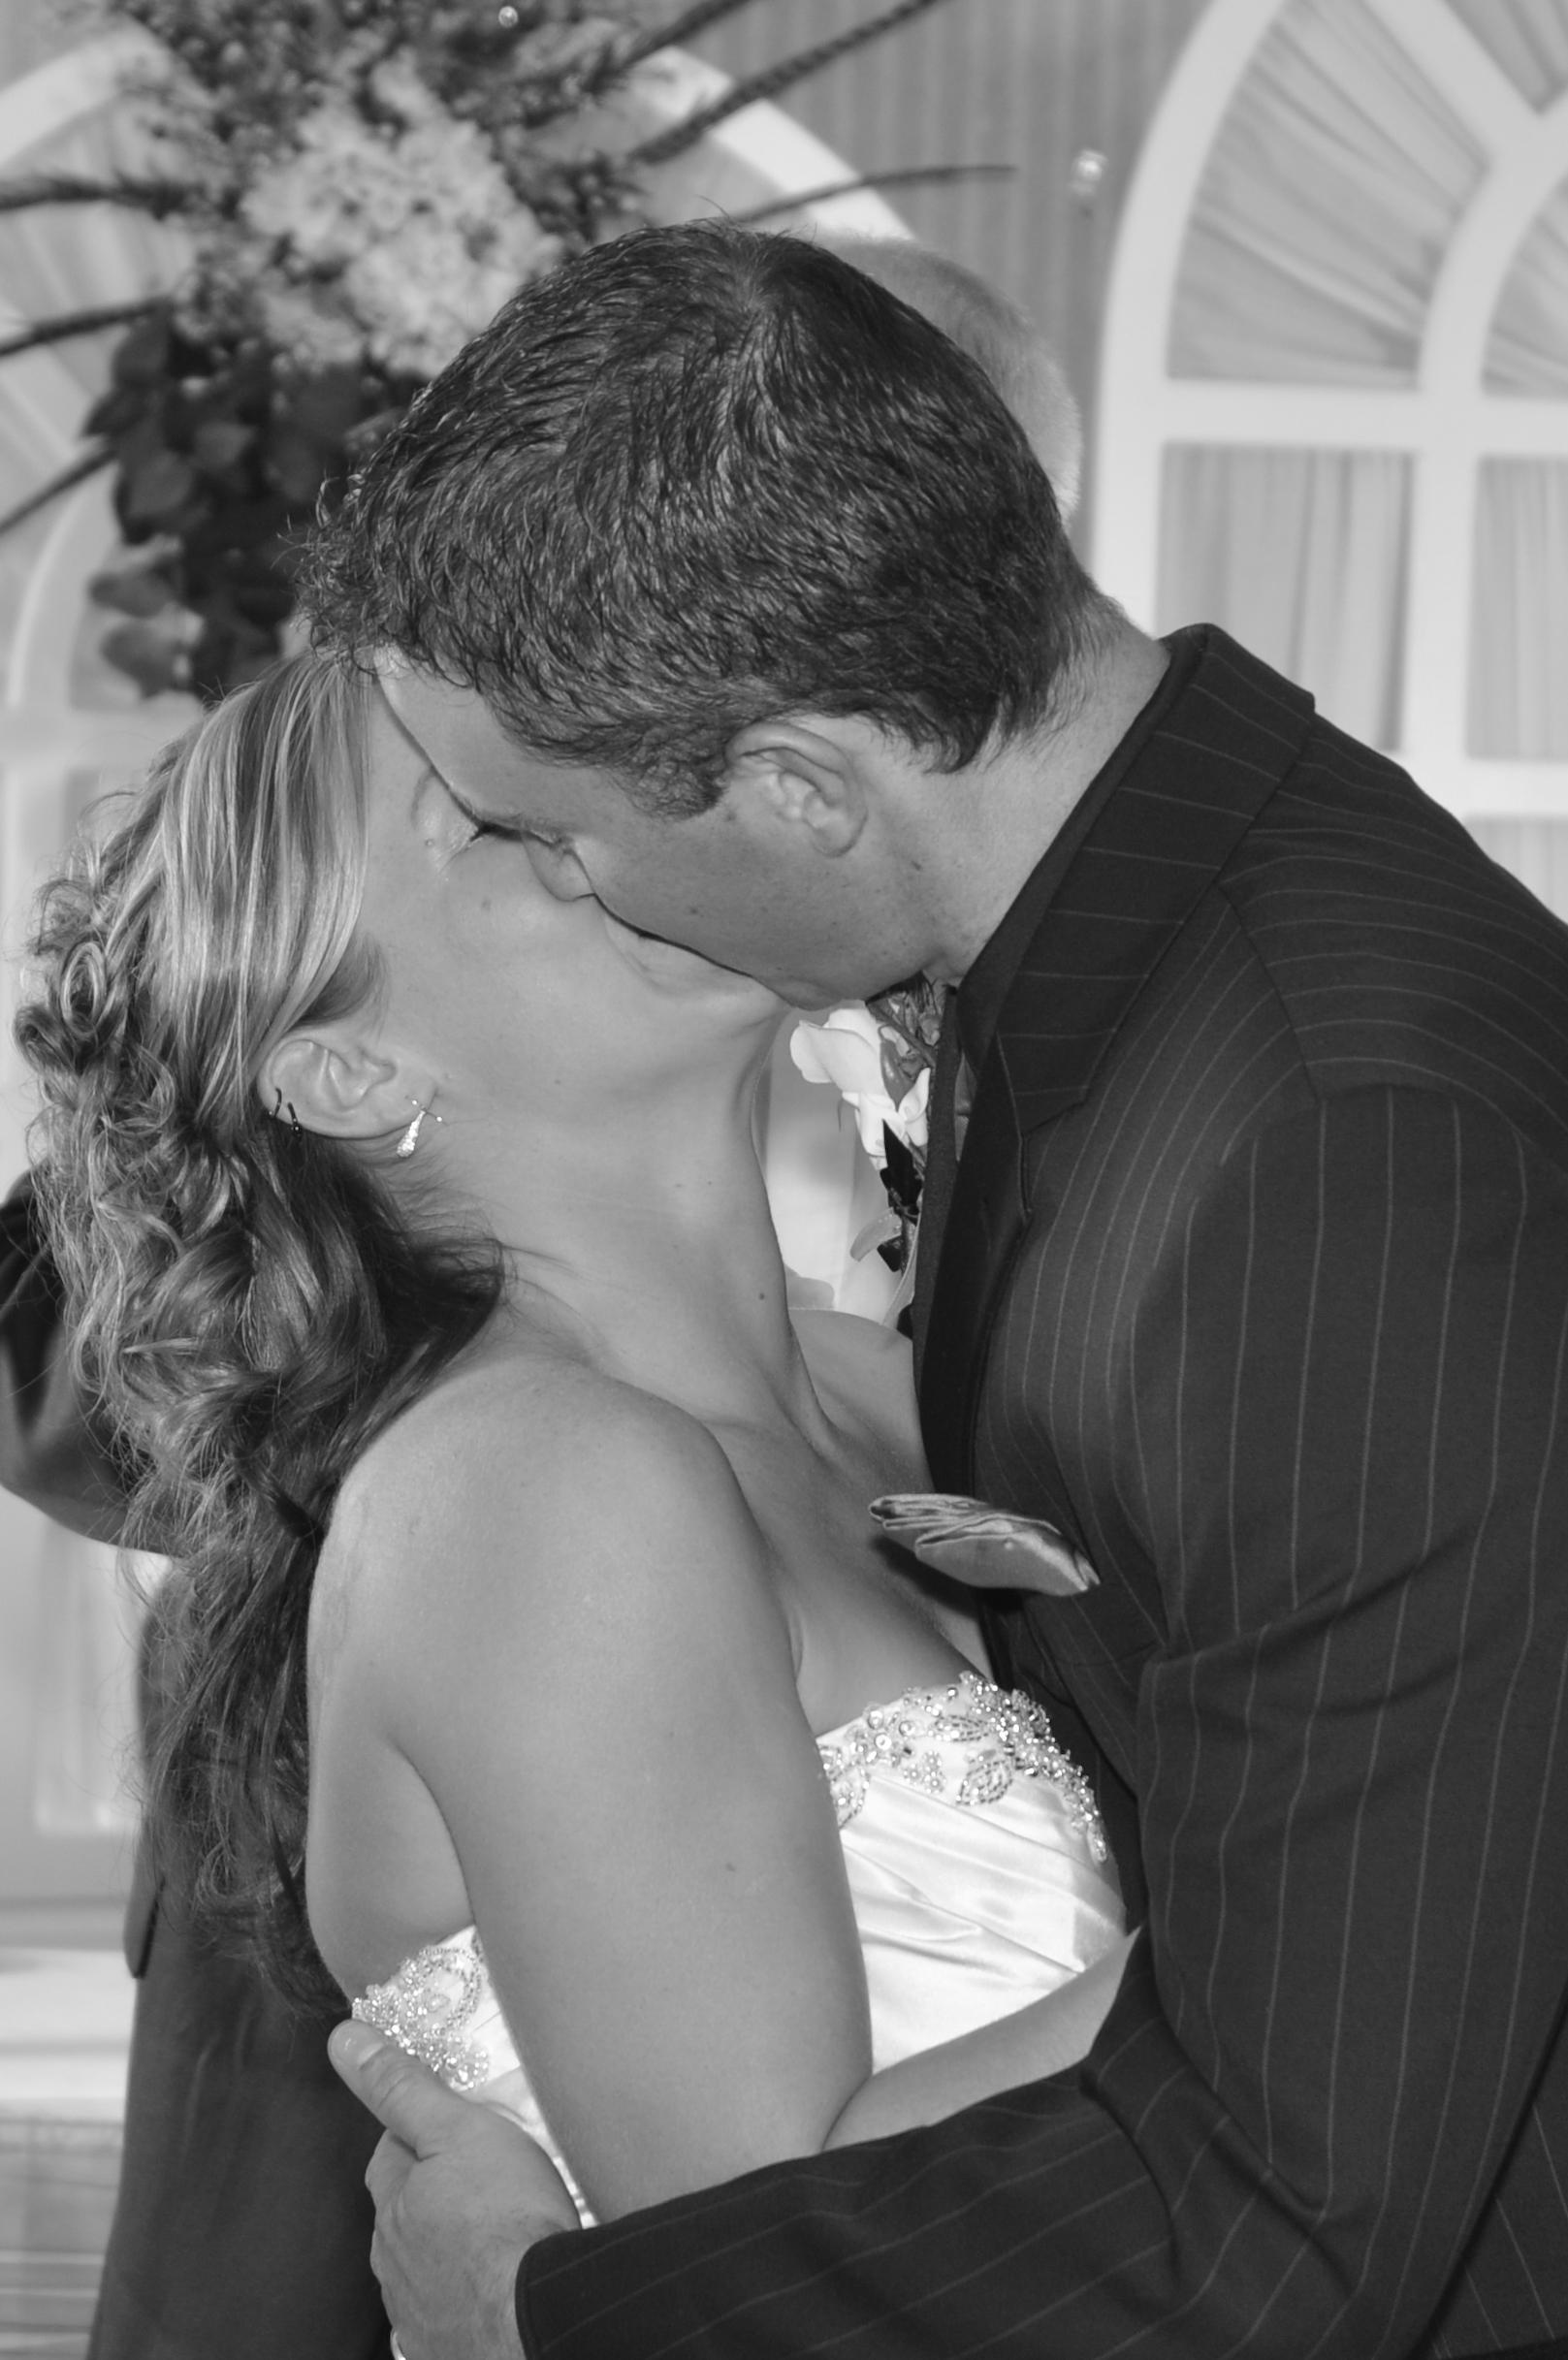 Stewart, Lacie_Stewart Wedding_Ceremony BW_0276.jpg